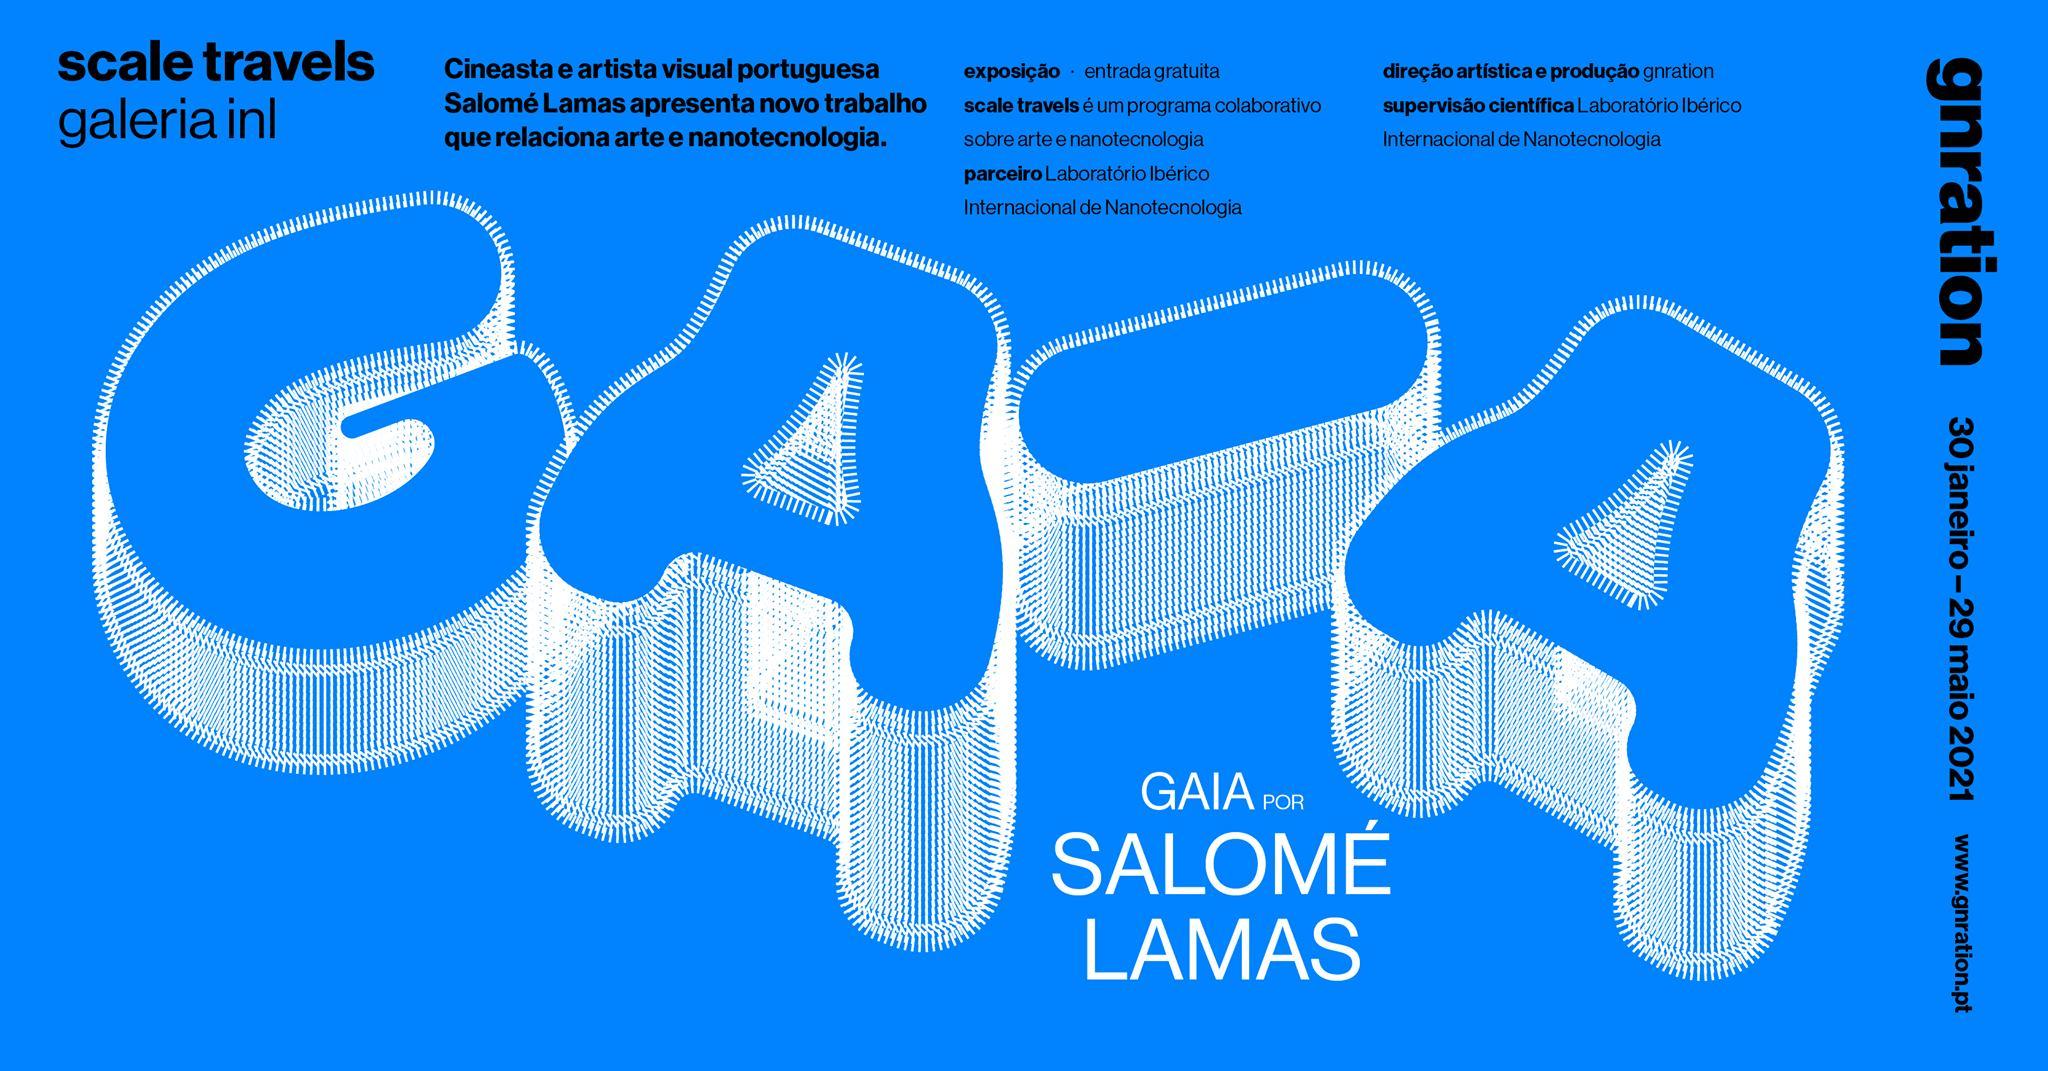 Scale Travels: Gaia, por Salomé Lamas  [exposição] | gnration